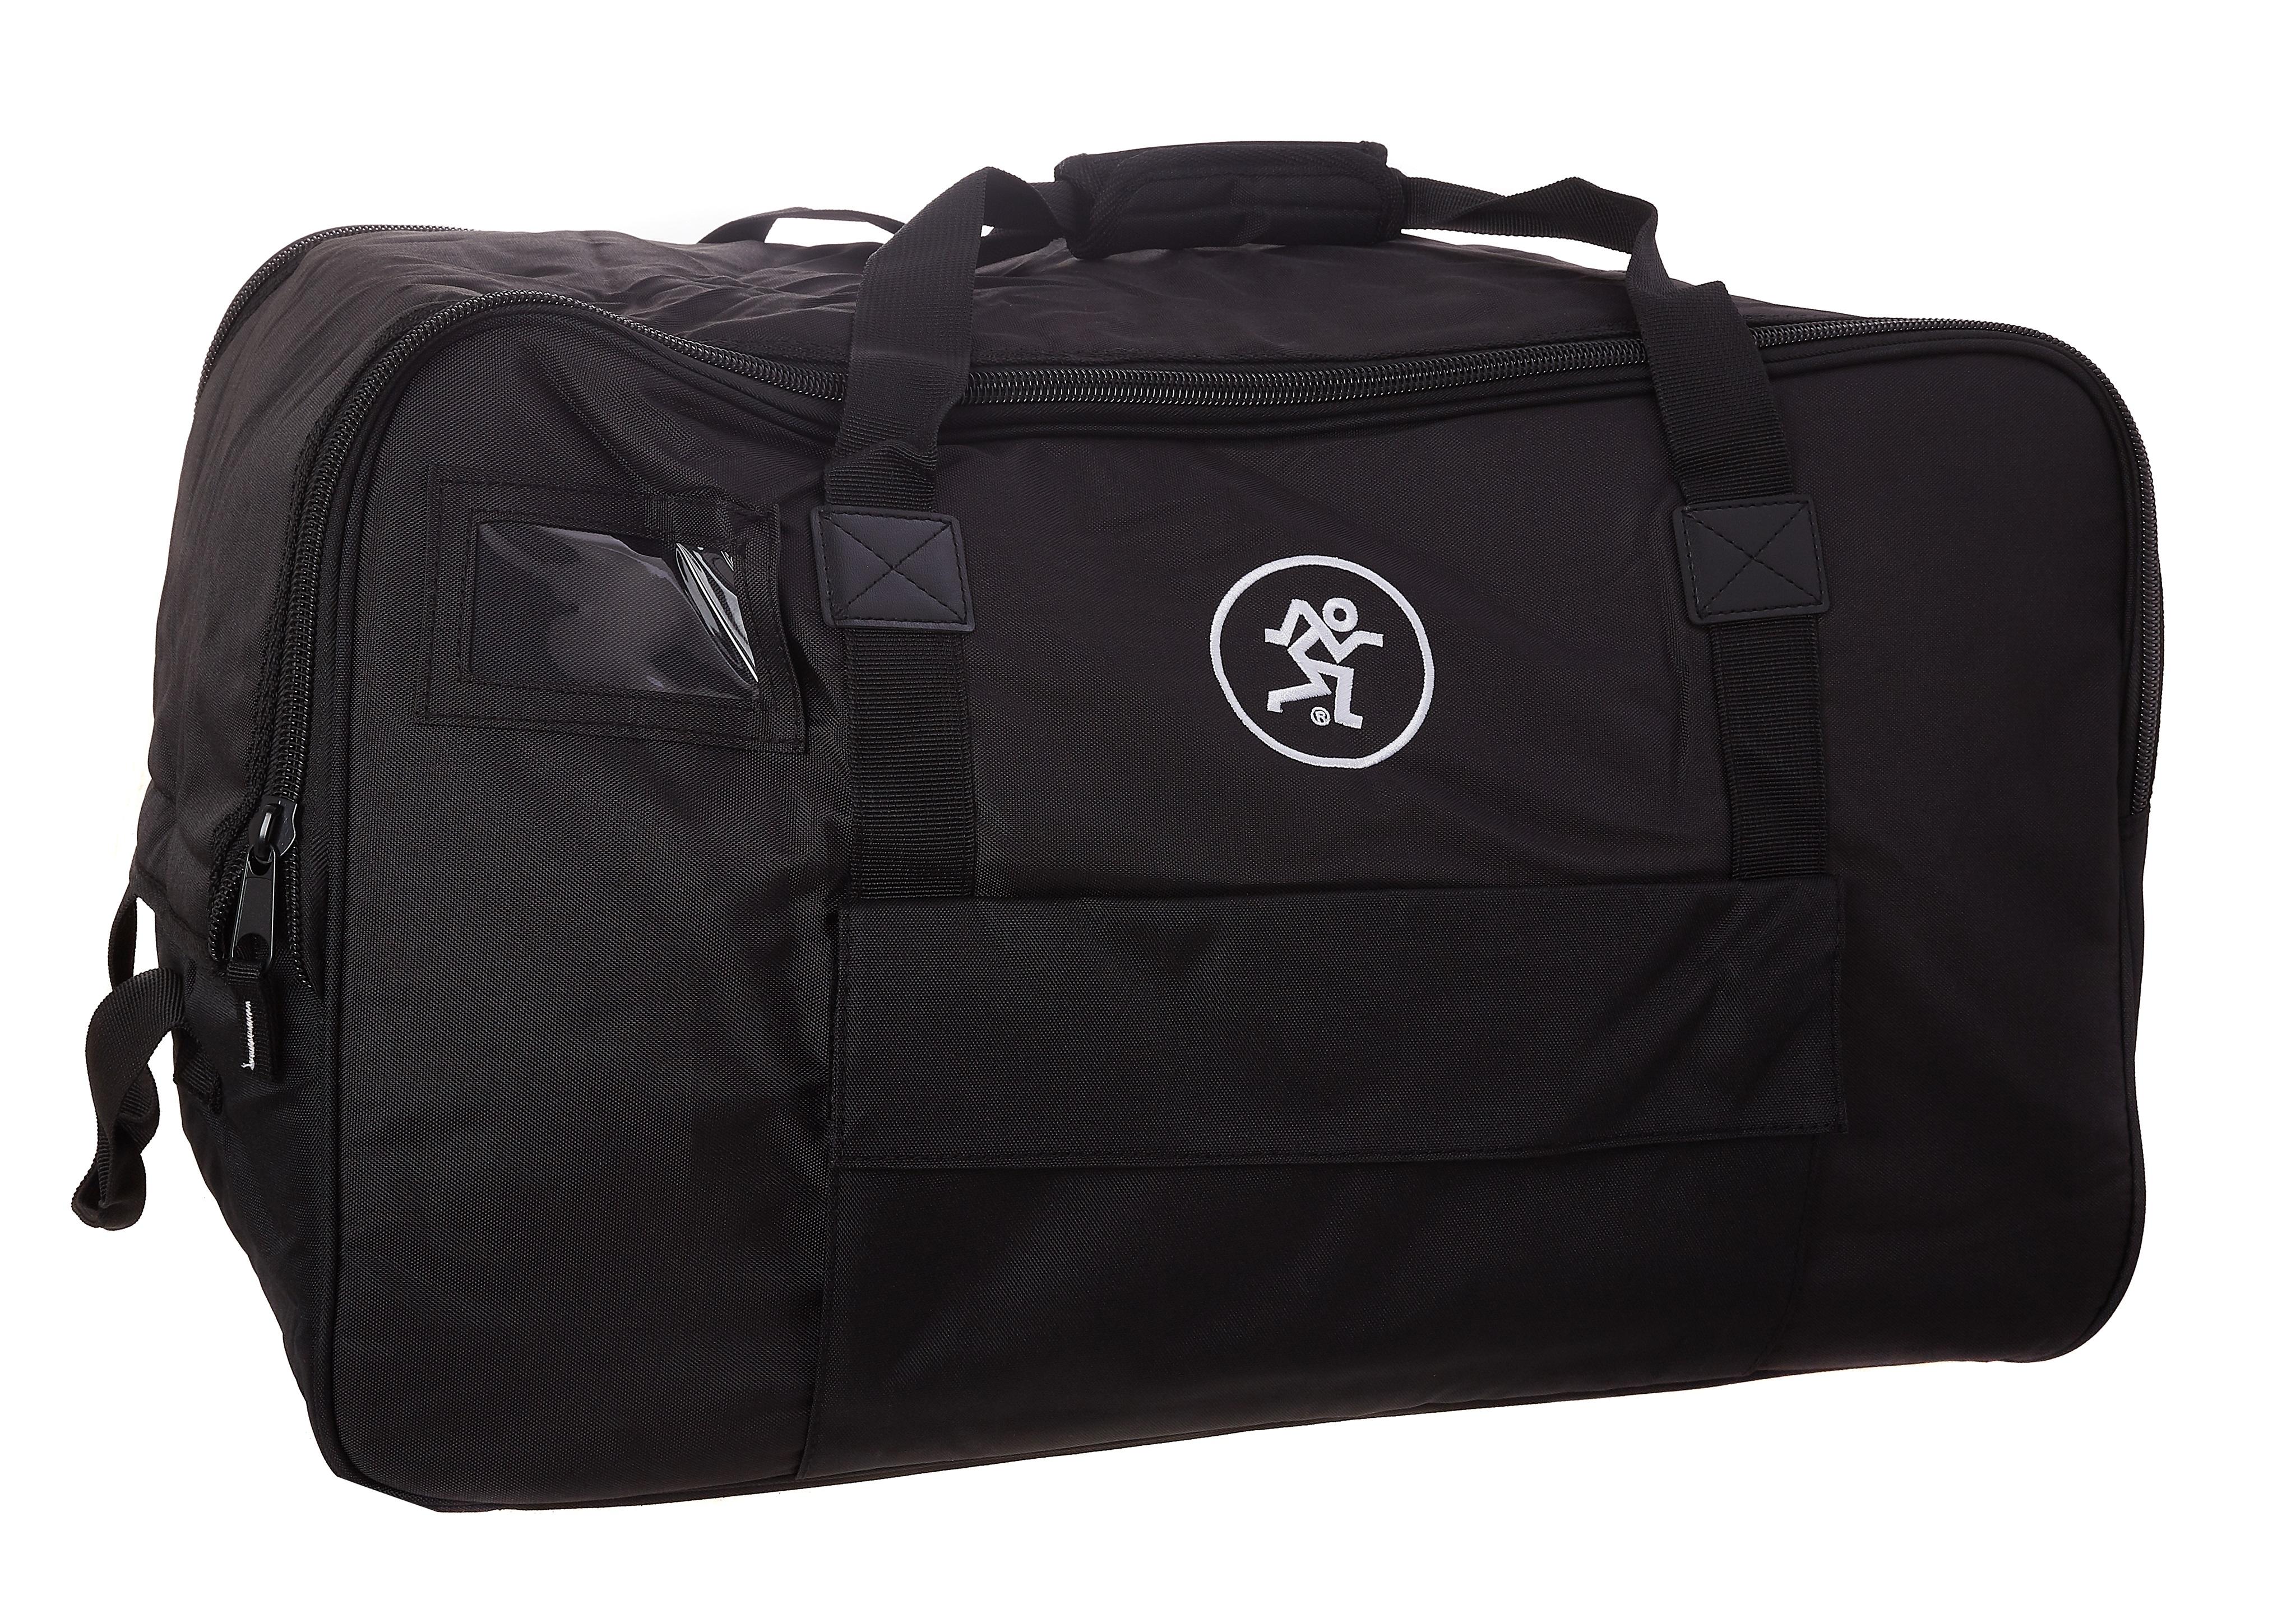 Mackie Thump12A/BST Bag